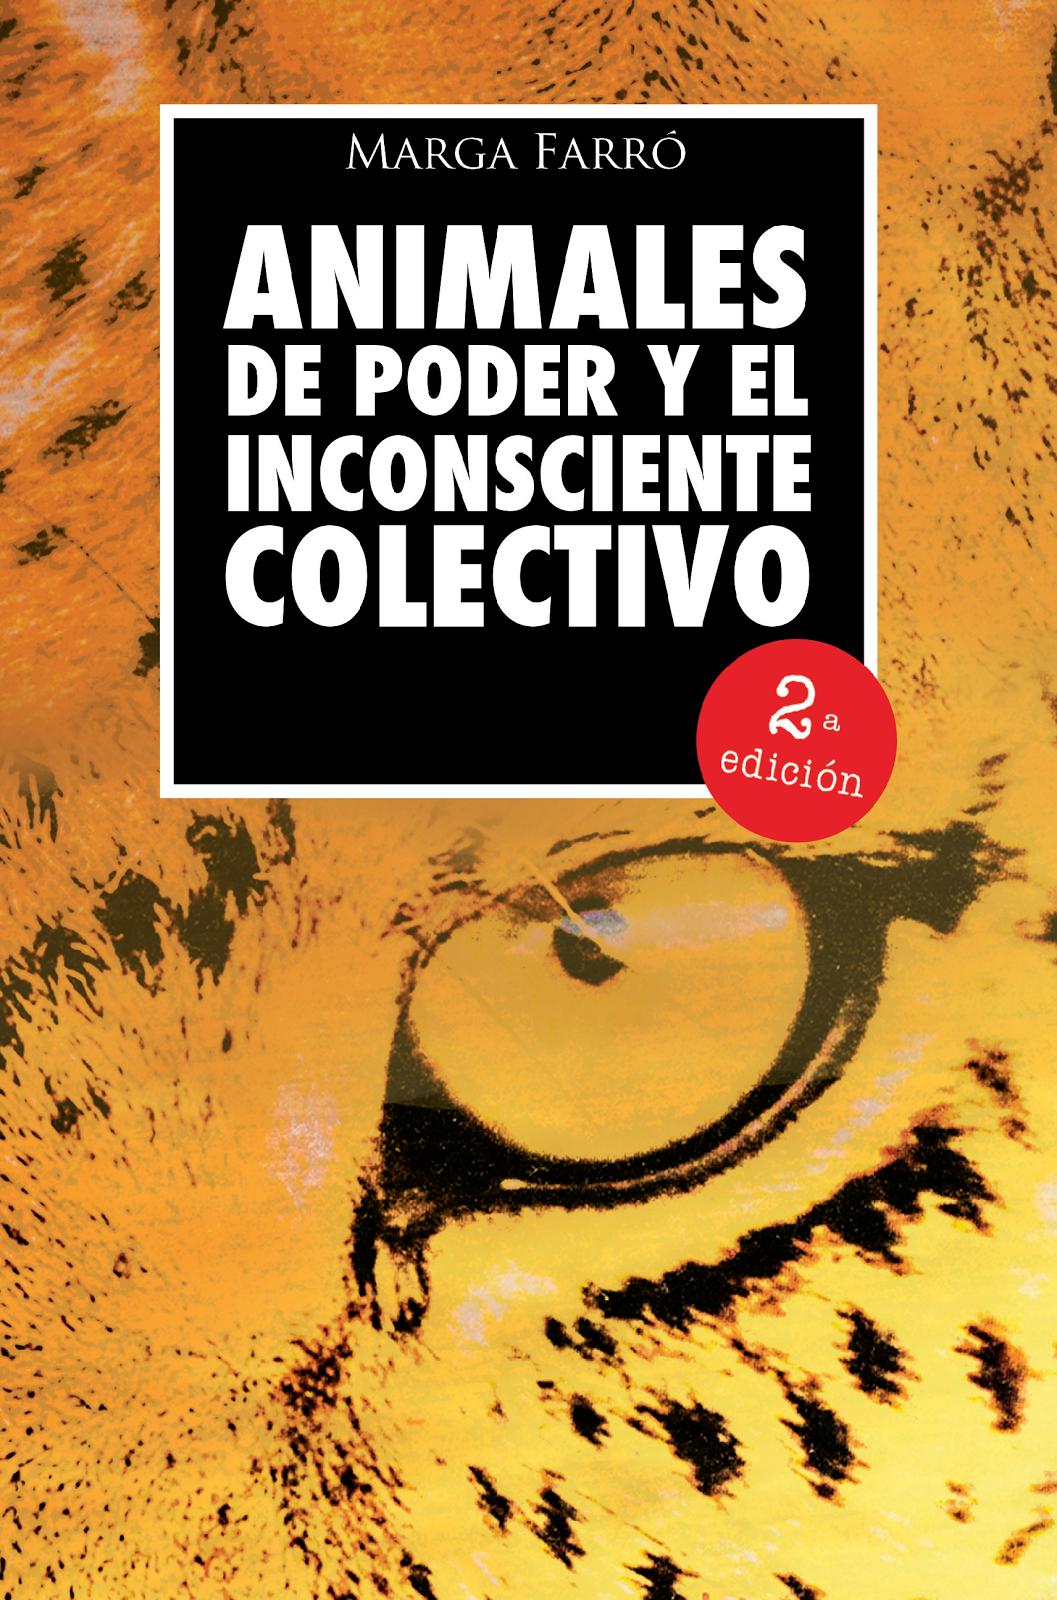 EL LIBRO GRATIS EN PDF - solicita en ergasofia@yahoo.es